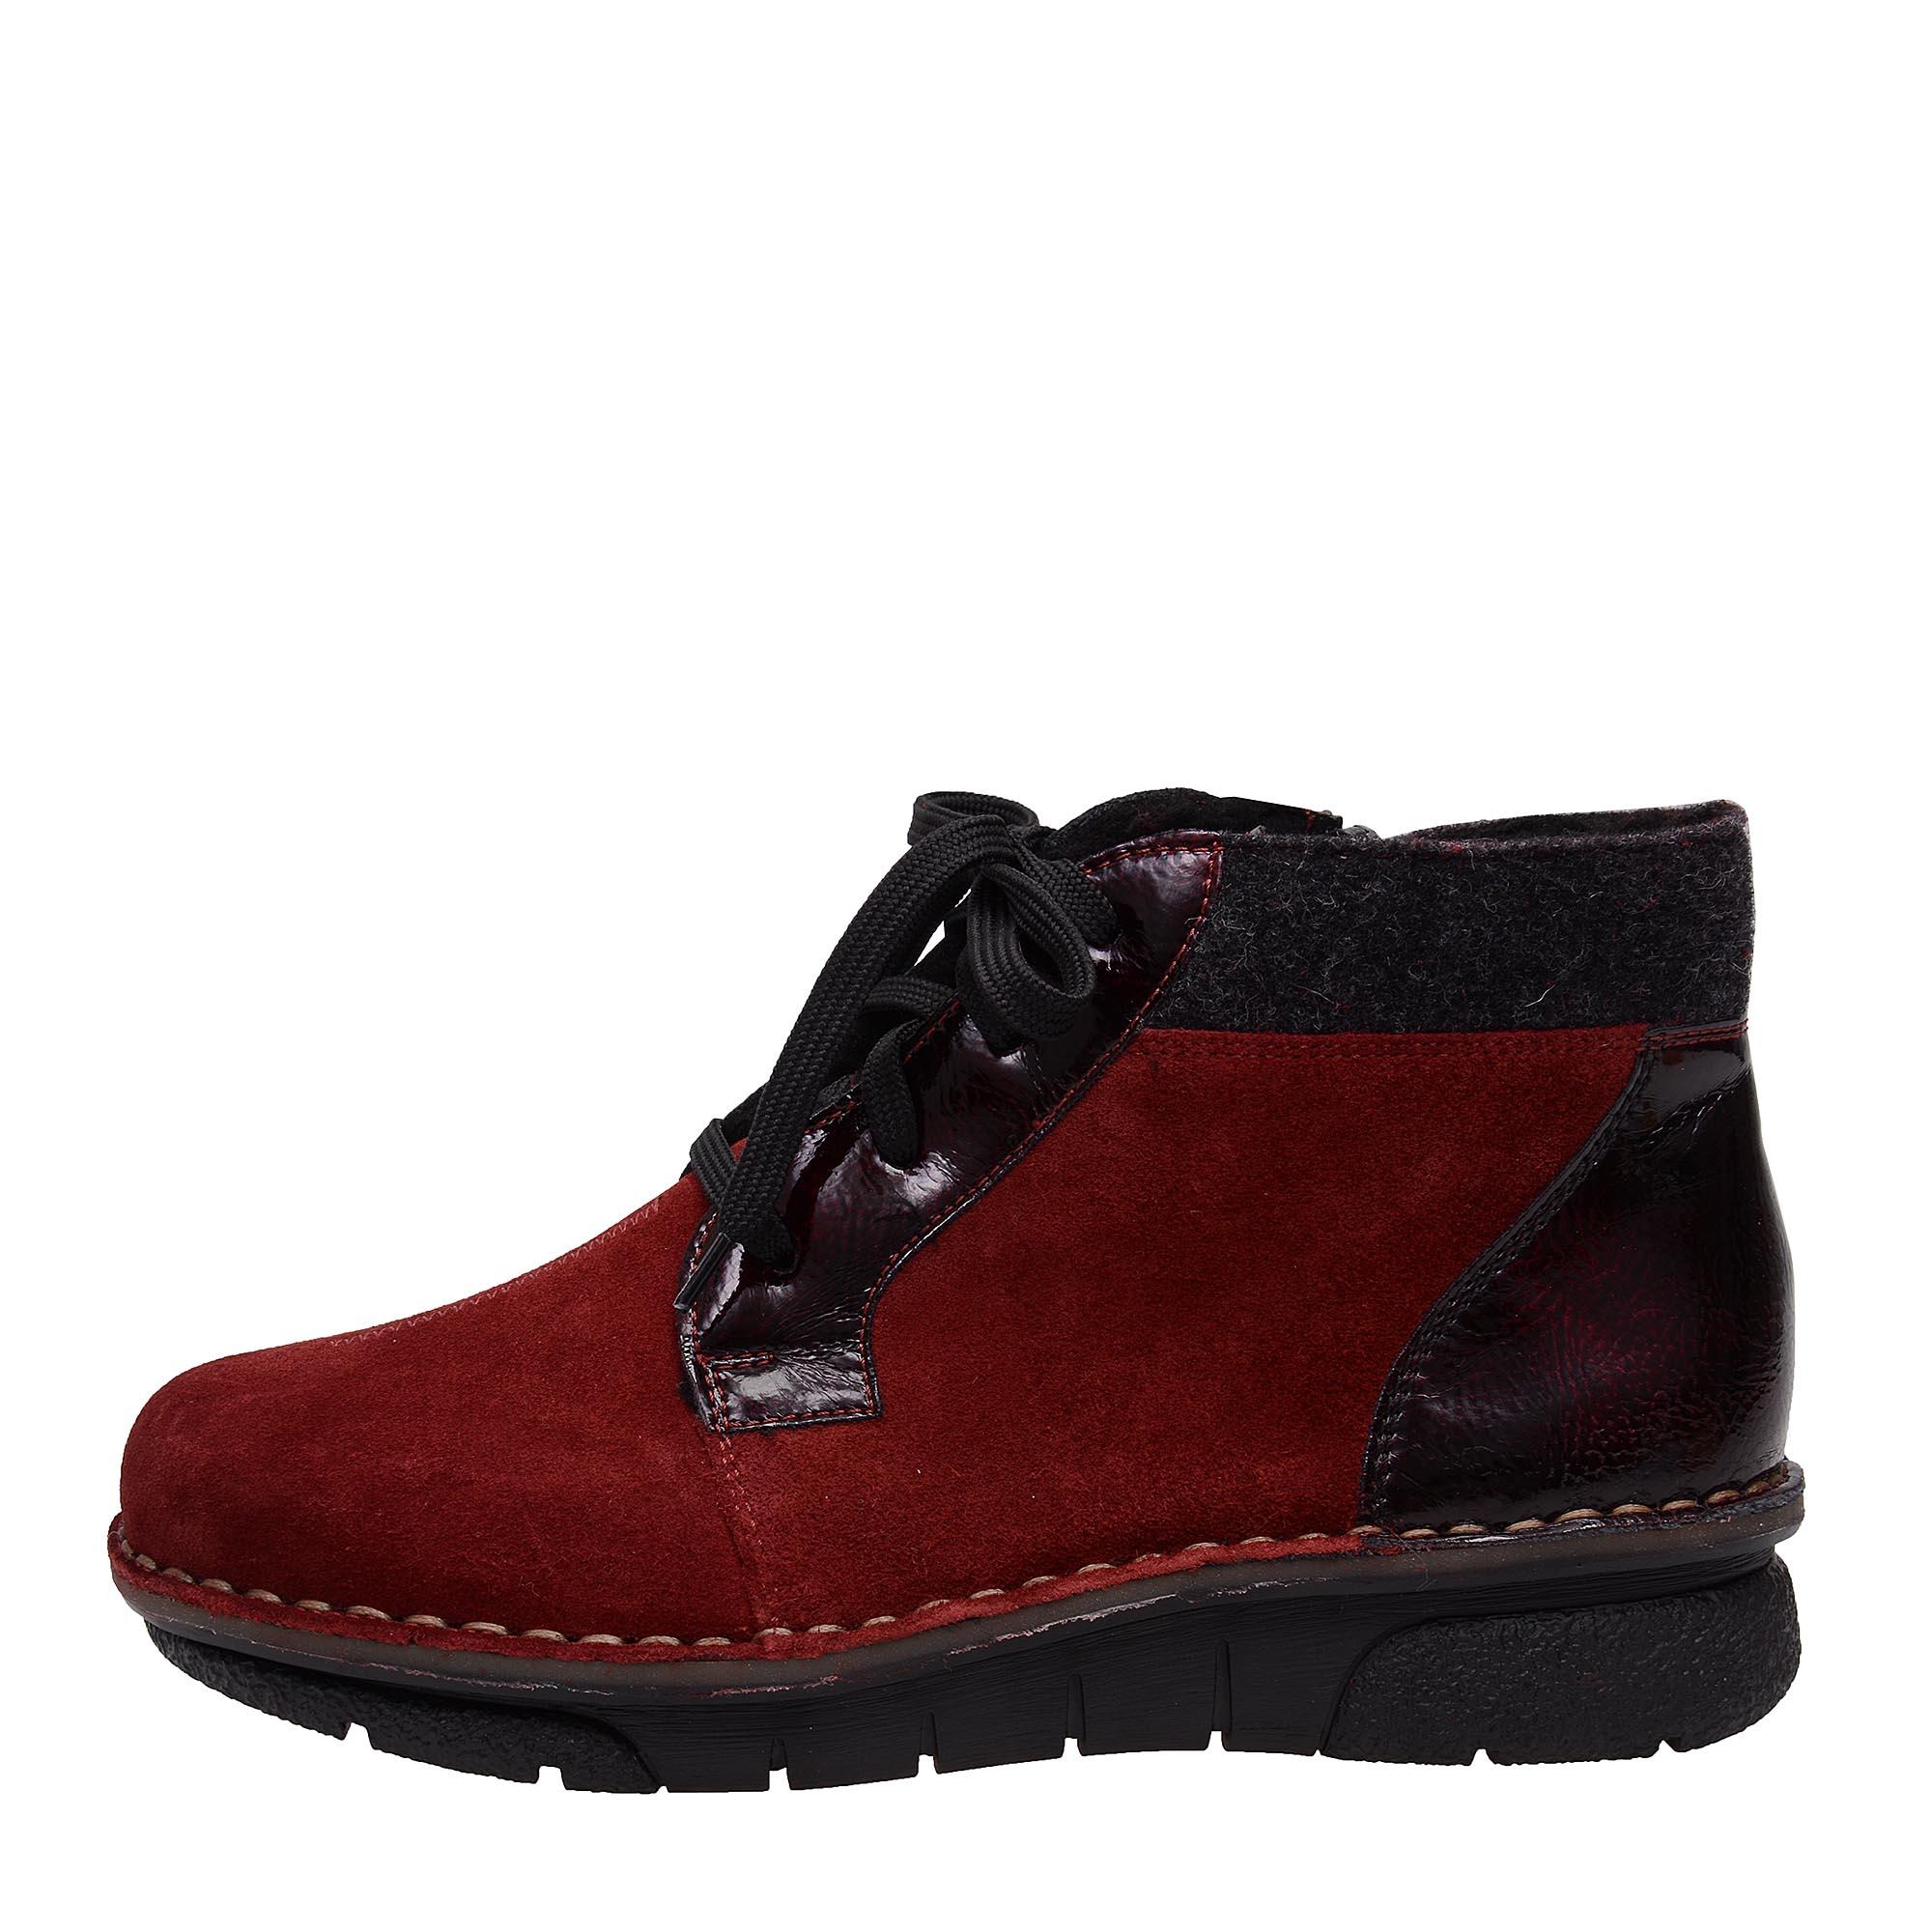 8bec10603e8f detail Dámská obuv RIEKER 73310 35 ROT KOMBI H W 6